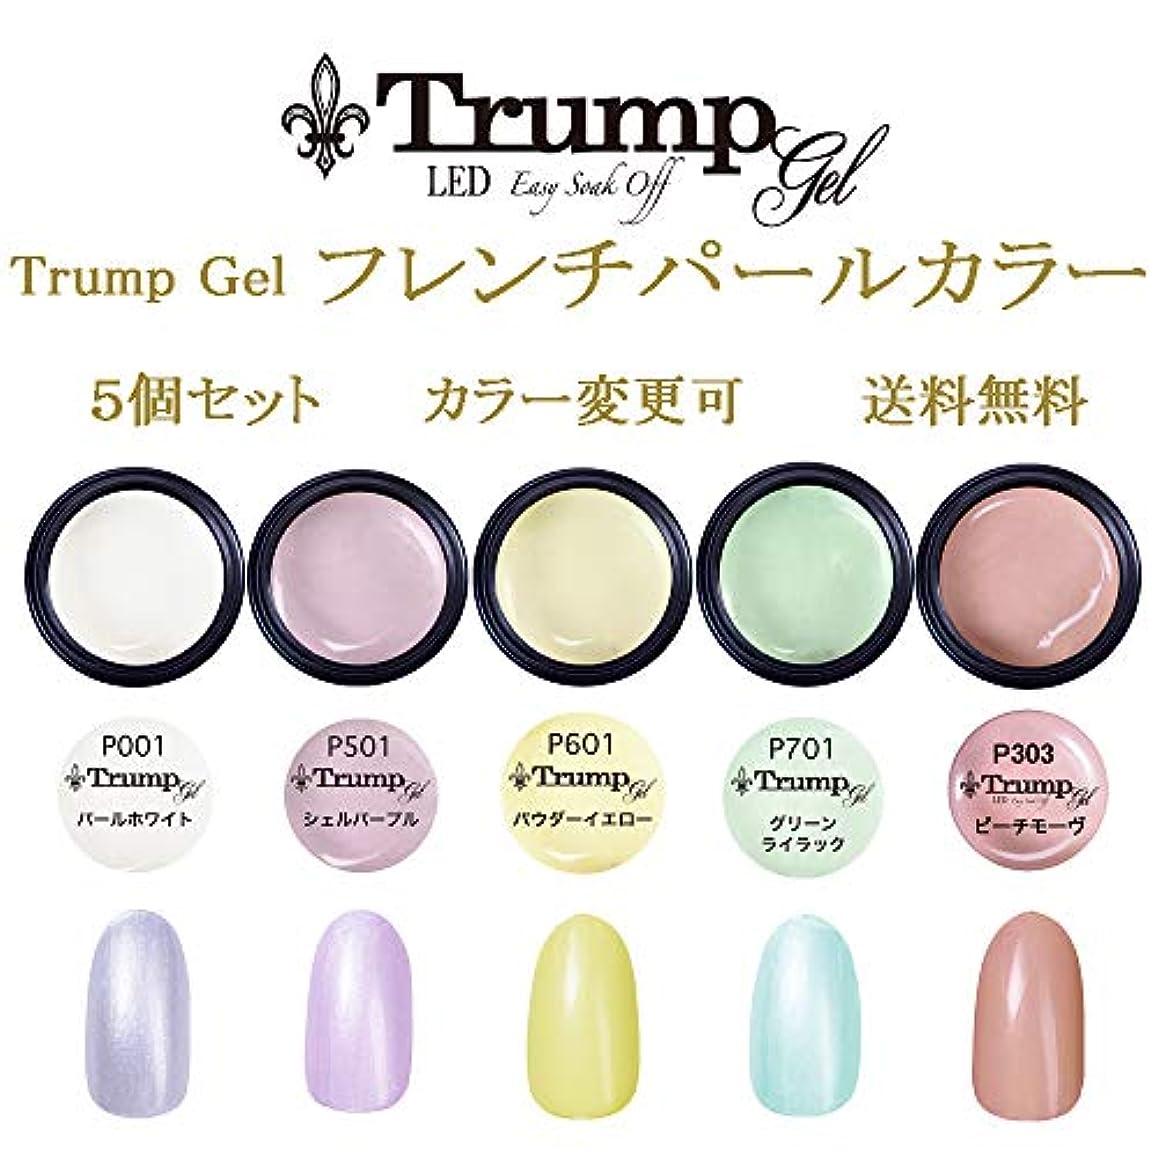 実験をする実験をするれる【送料無料】Trumpフレンチパールカラー選べる カラージェル5個セット